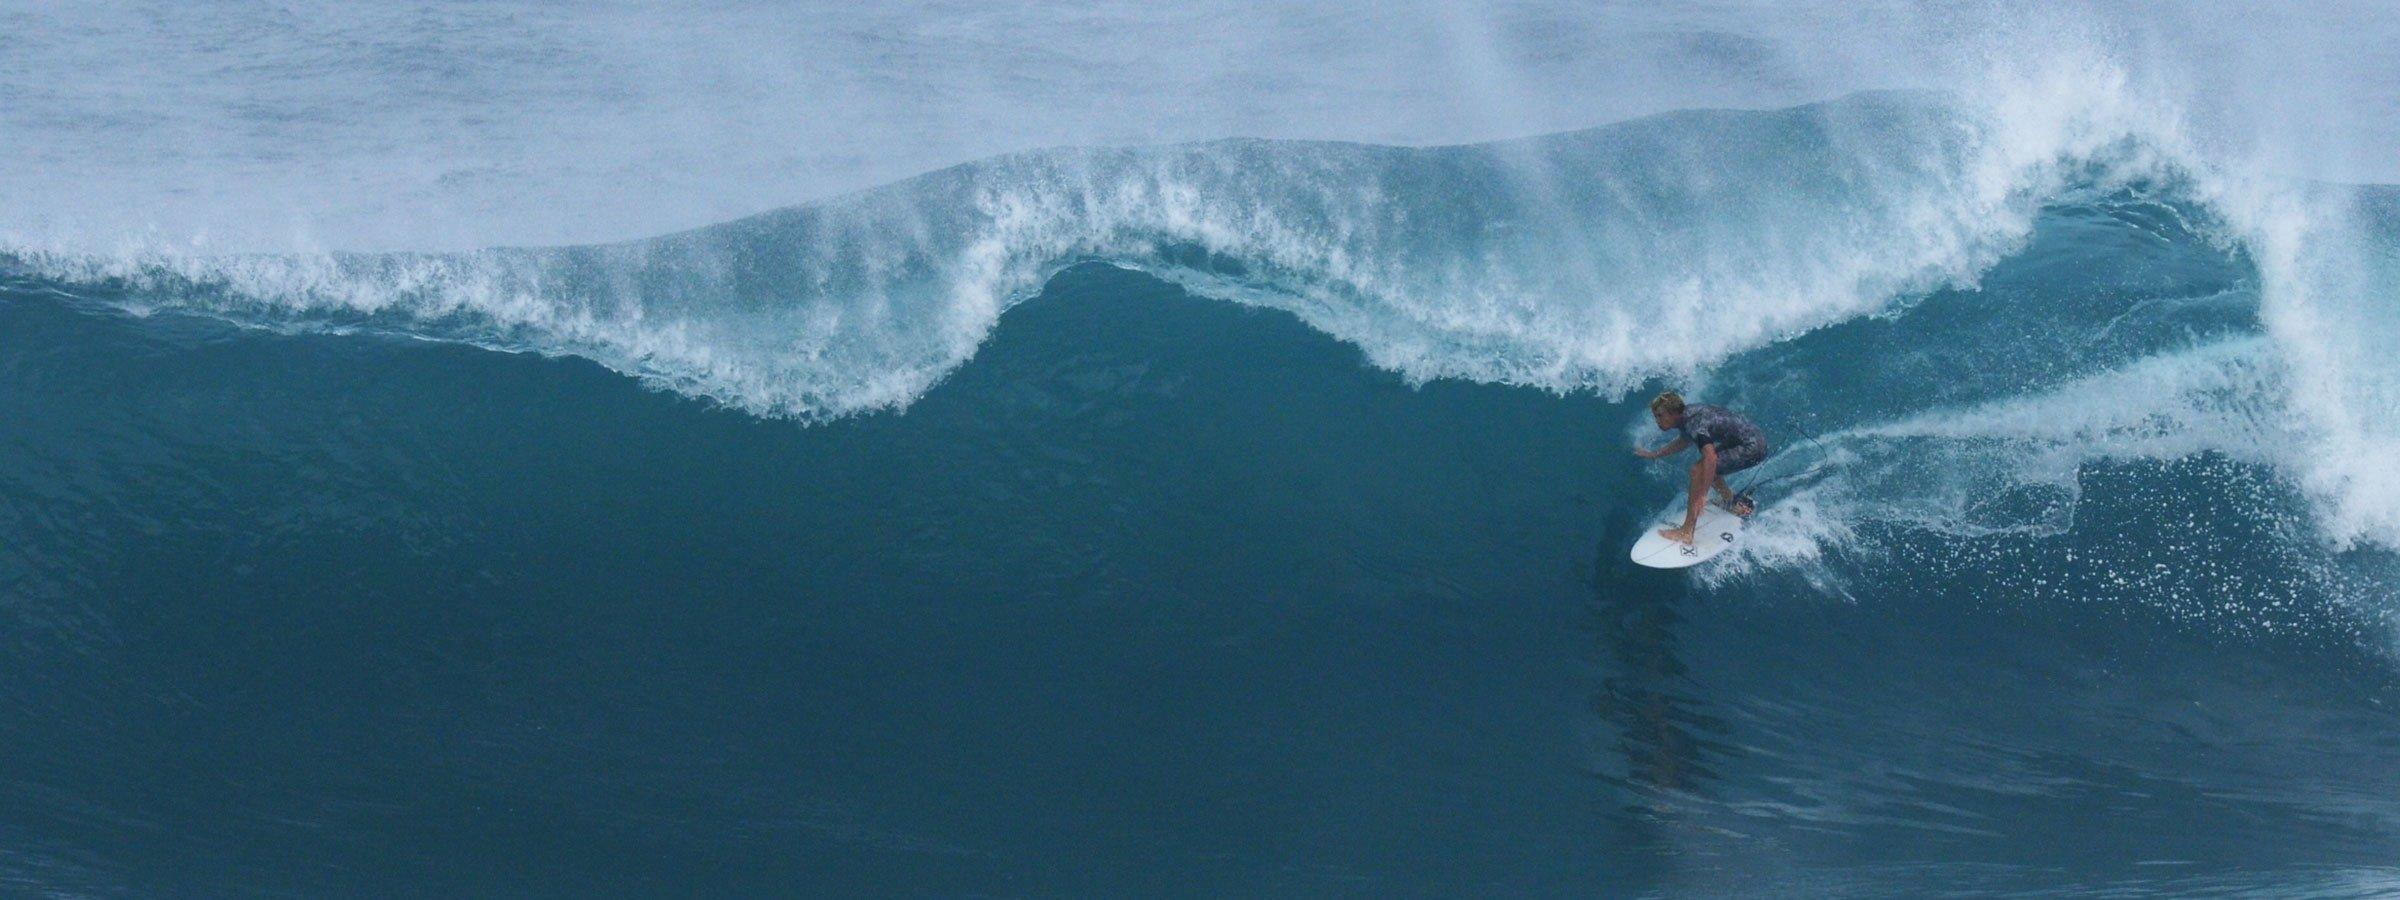 xanadu-surf-tanner-x14-banner